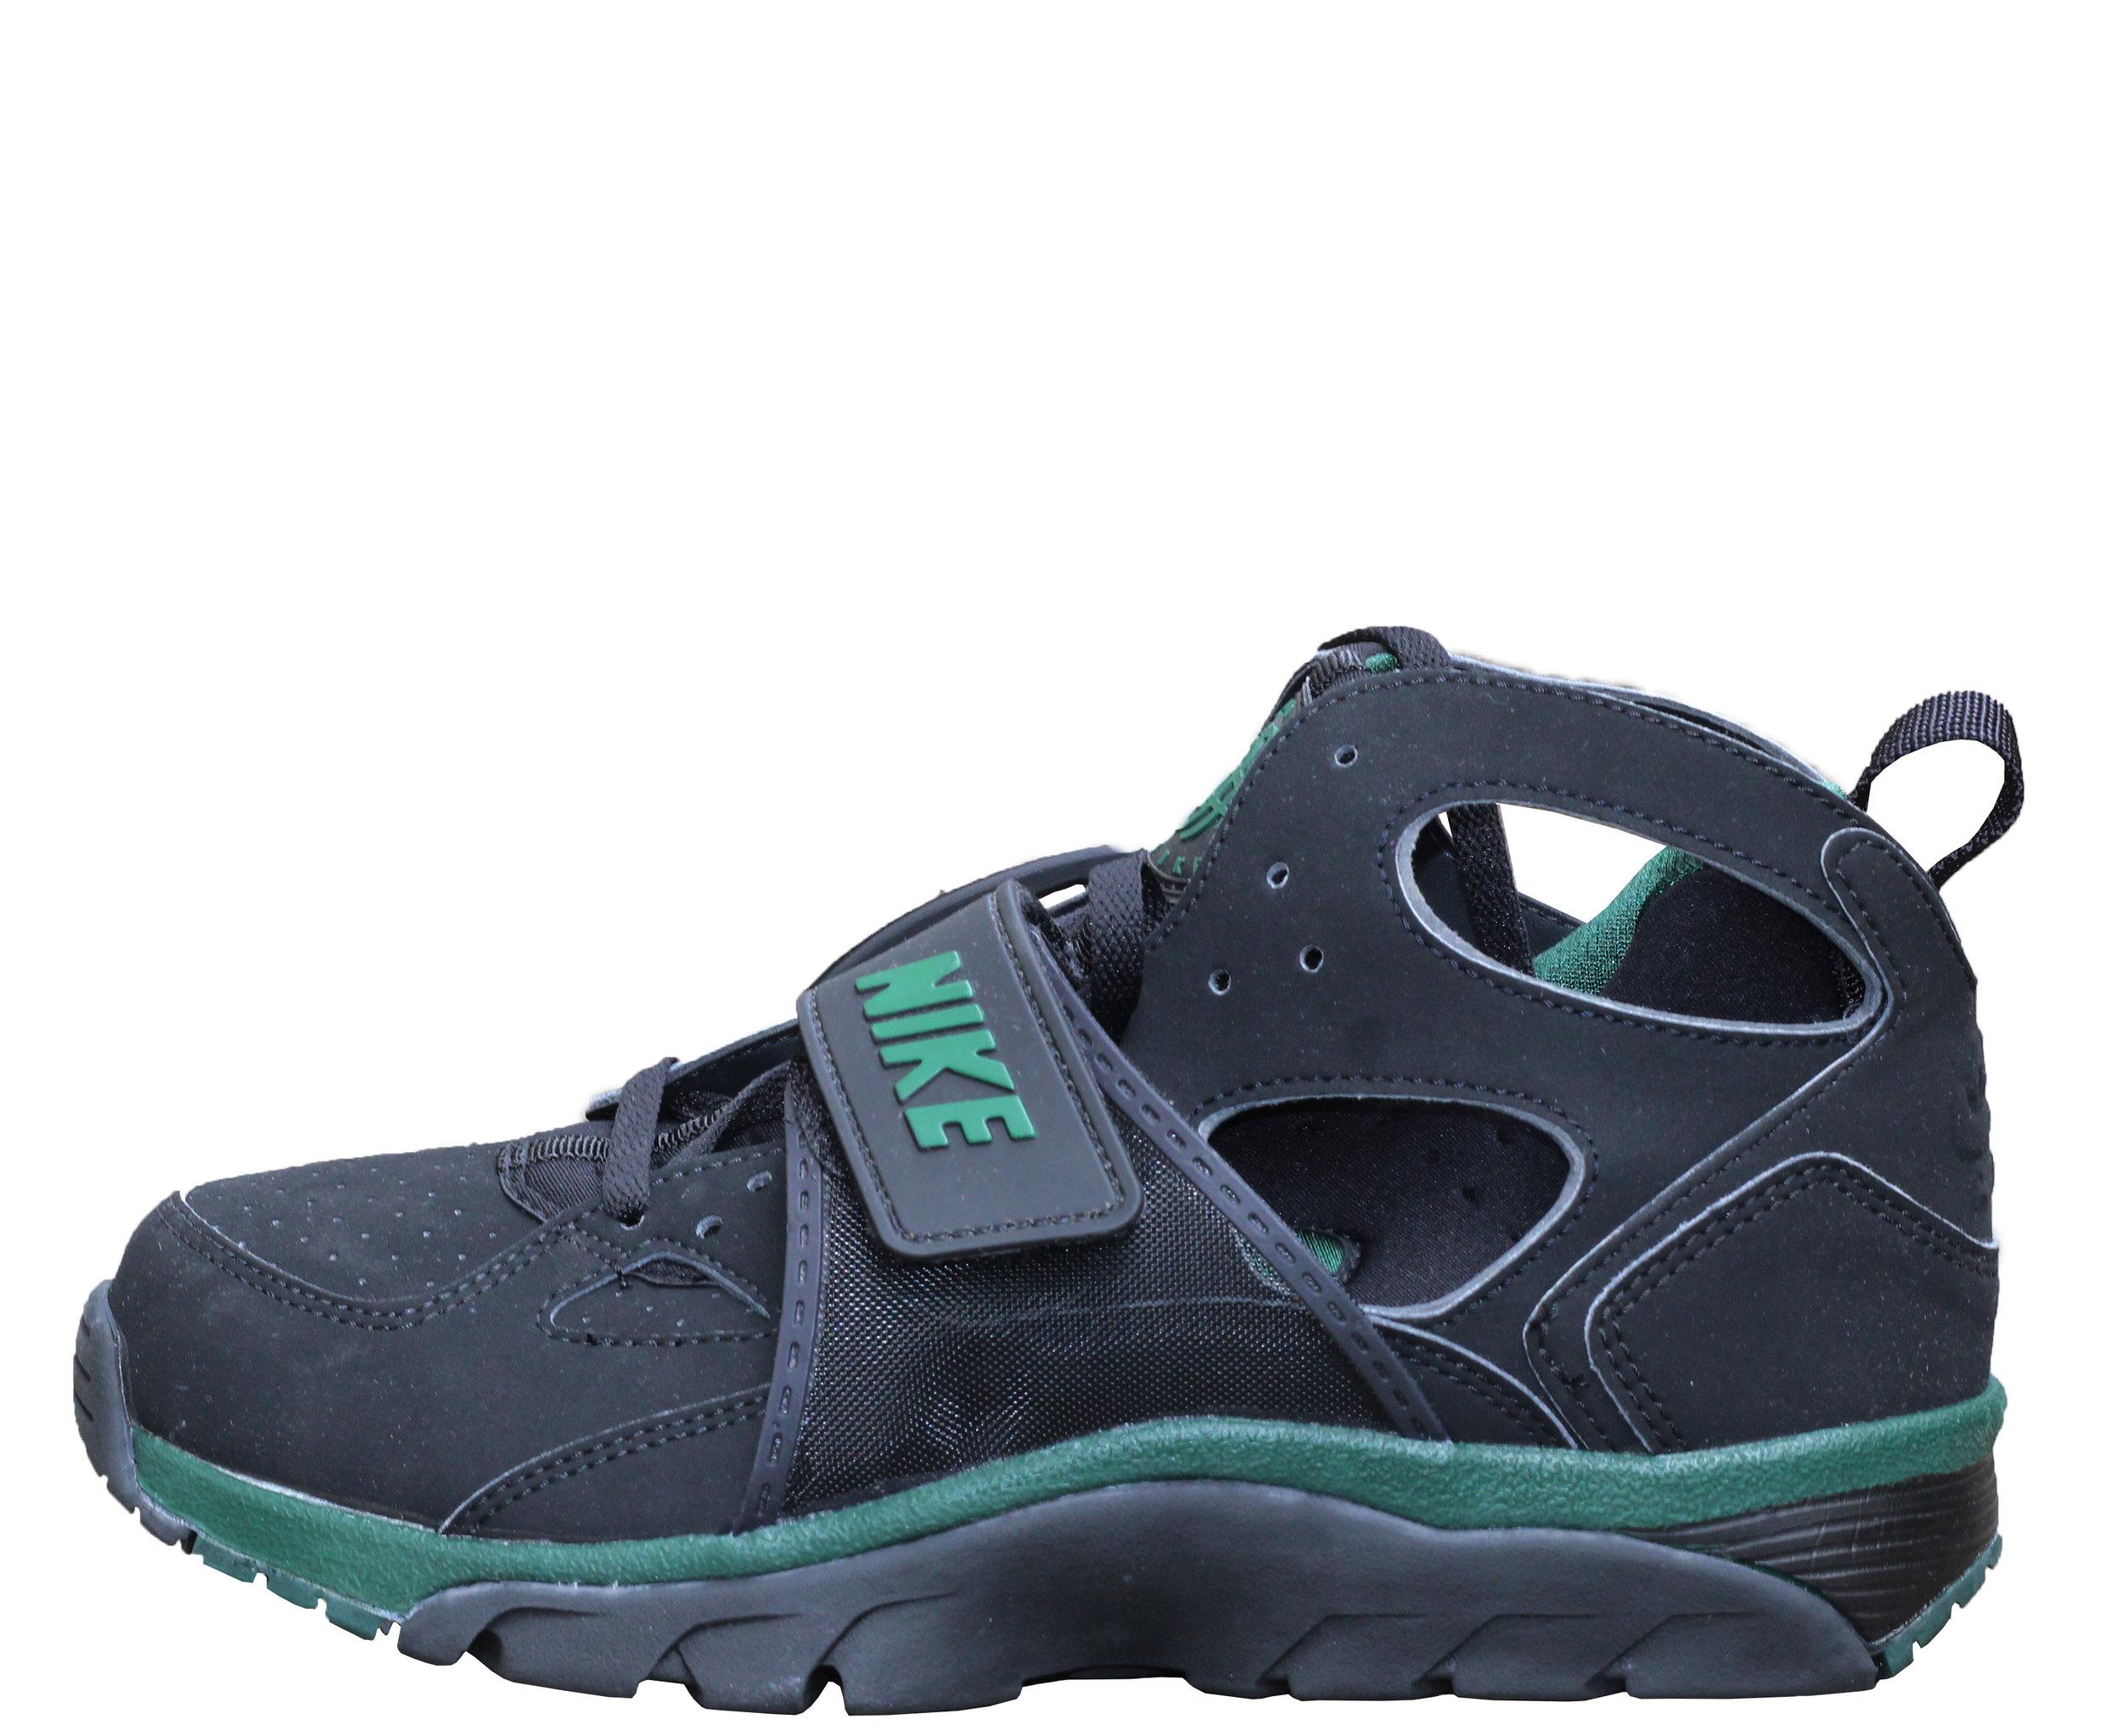 Nike Air Trainer Huarache Black